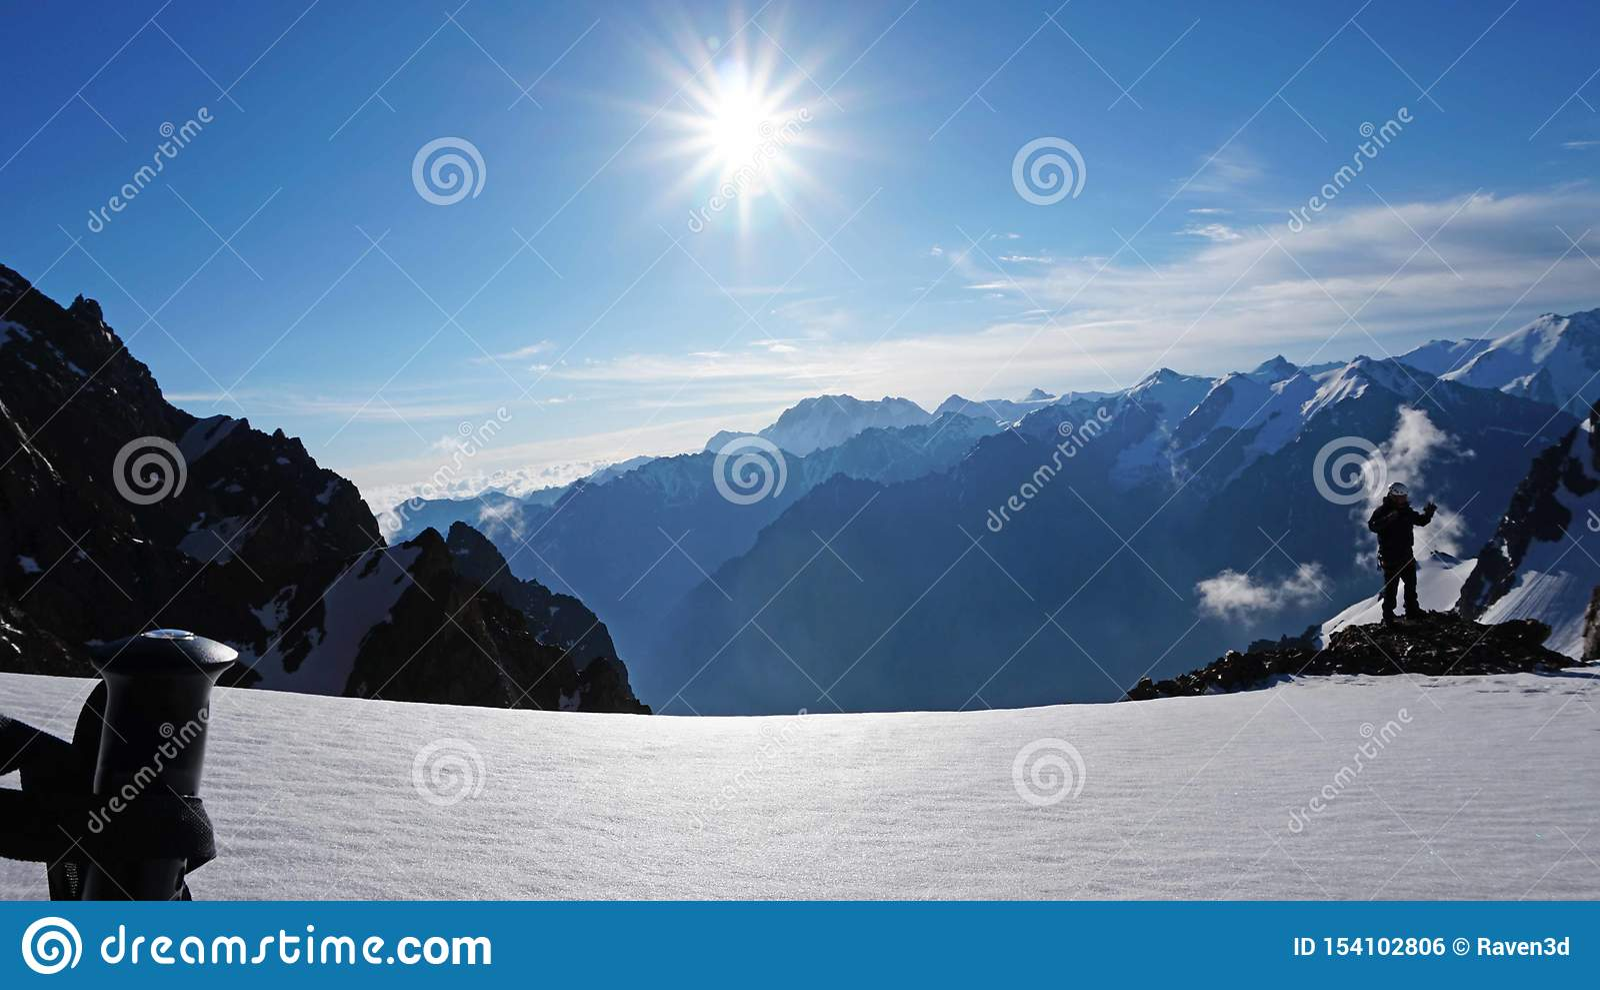 Trekking поляки на предпосылке солнца, снежных гор, голубого неба и облаков